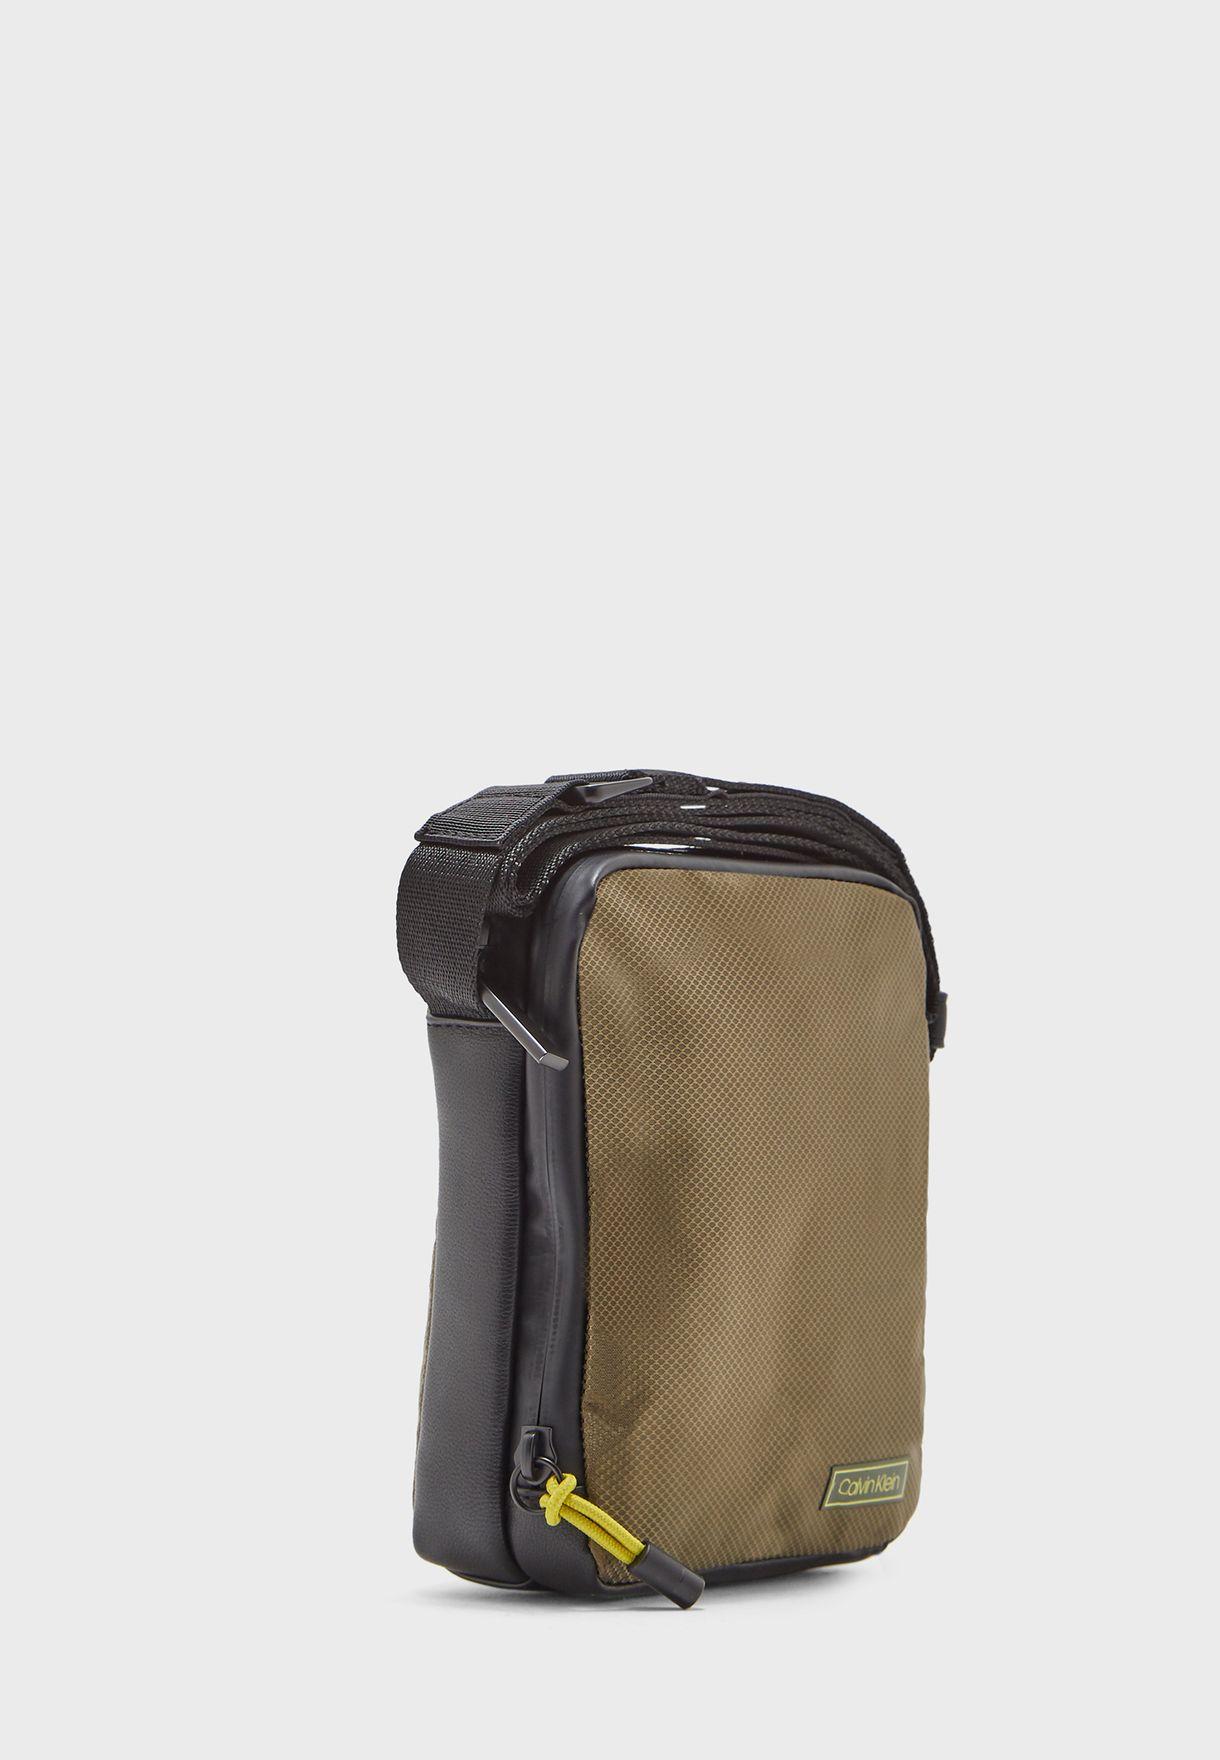 Revealed 2G Mini Messenger Bag